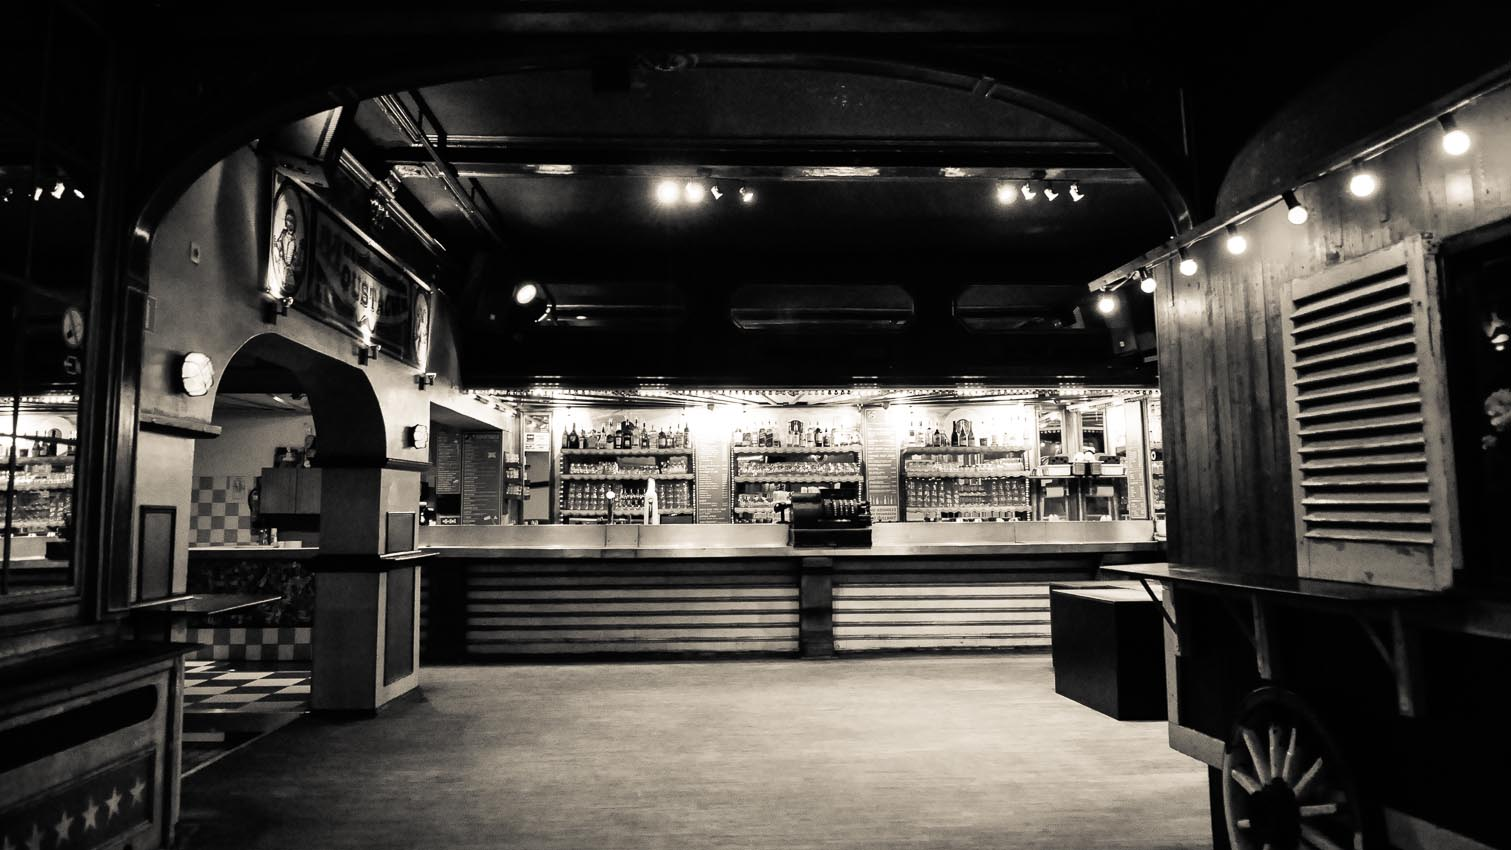 07-cafe-bar-resto-nightclub-decors-film-cinema-photo-belgium-bruxelles